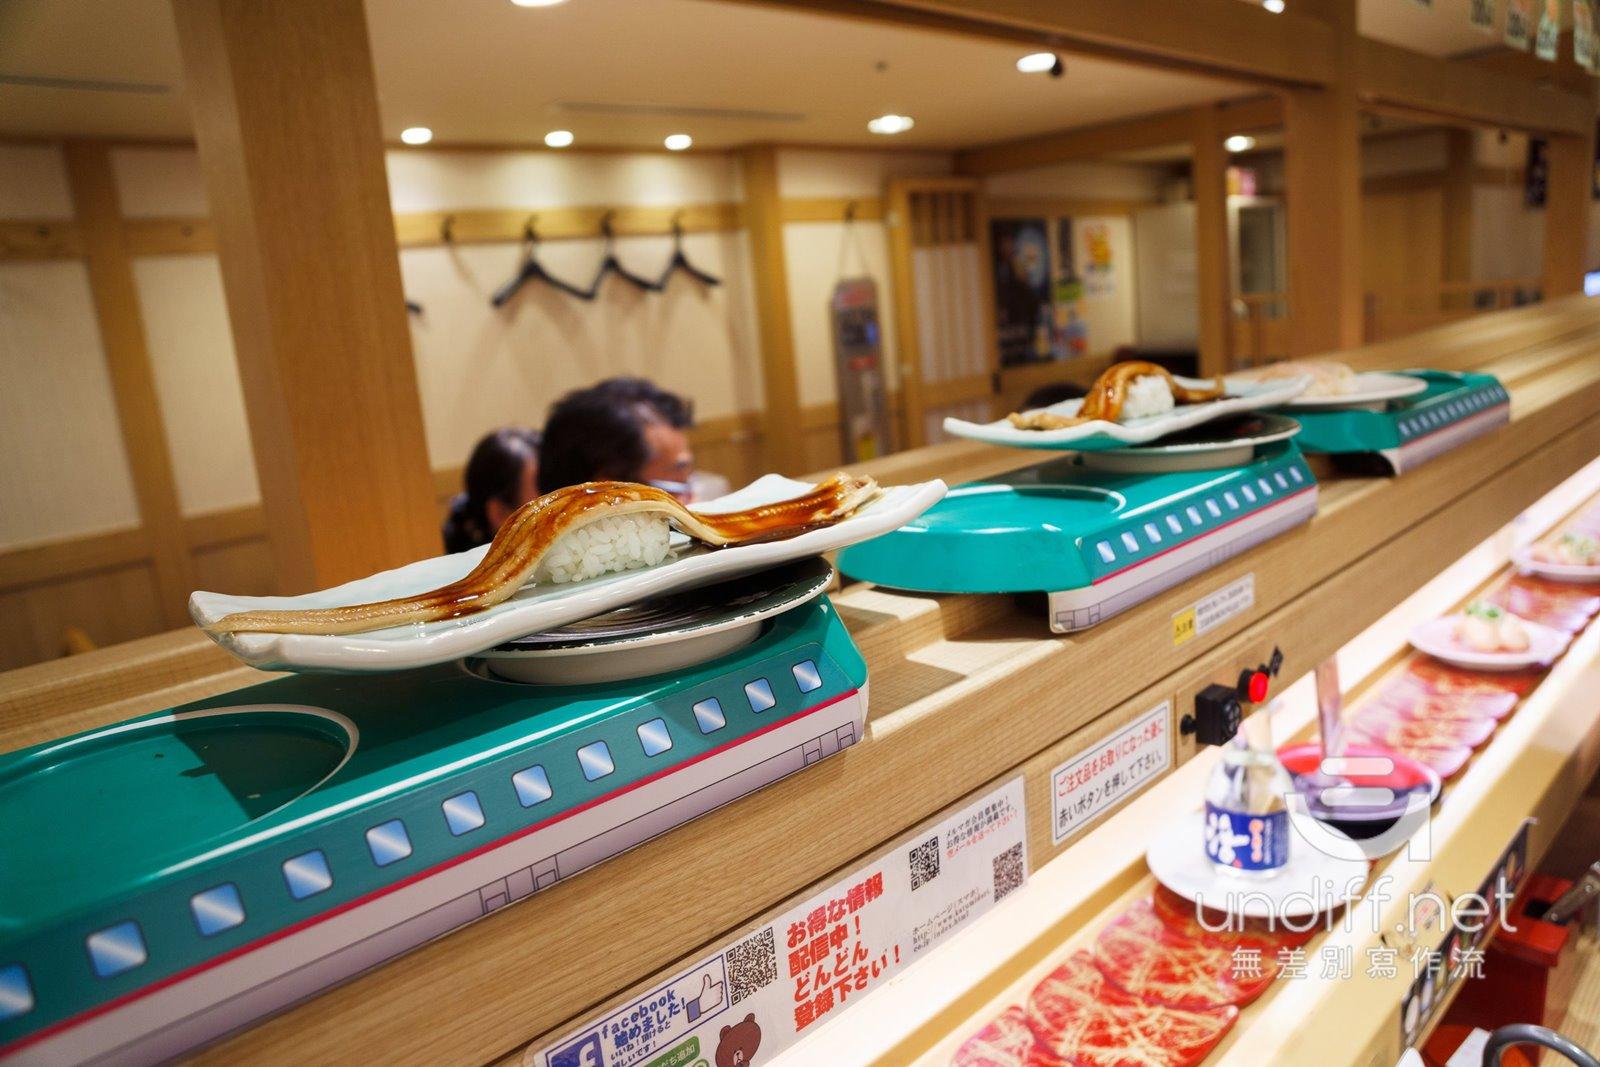 【東京美食】澀谷 回し寿司 活.美登利 西武澀谷店 》超值新鮮又美味的迴轉壽司 40